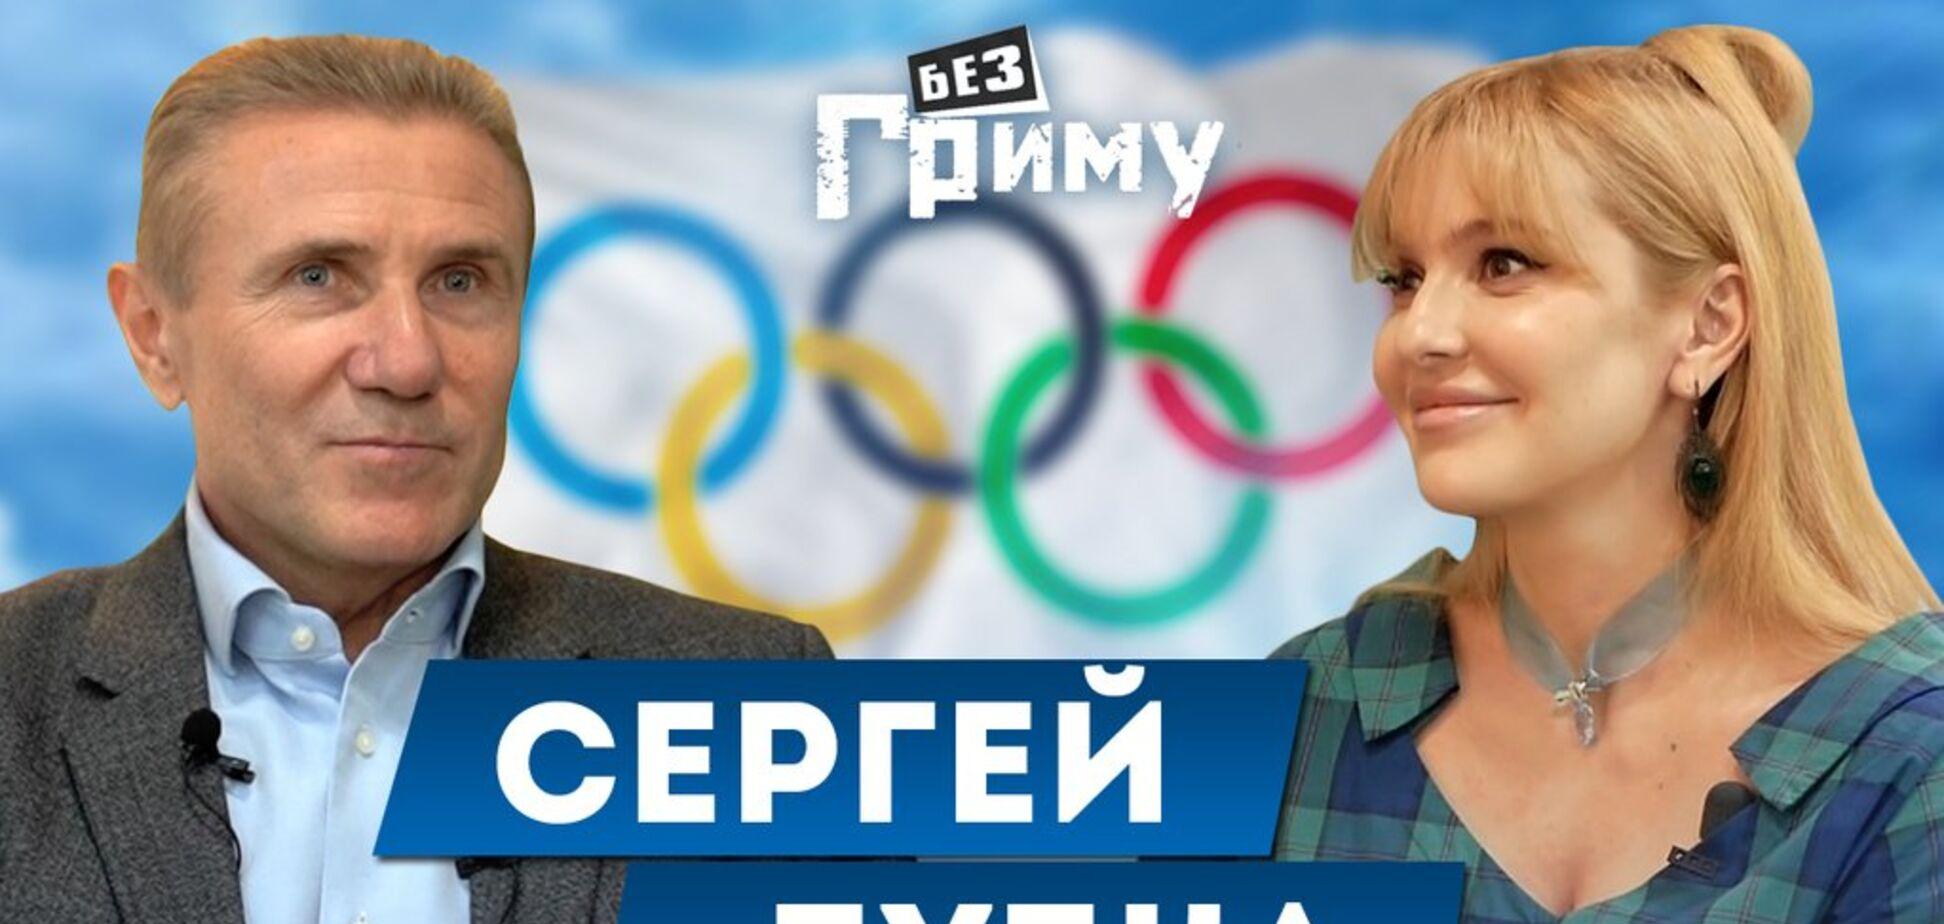 'Немає таких рекордів, які не можна перевершити', - Сергій Бубка в бліц-шоу 'Без гриму'